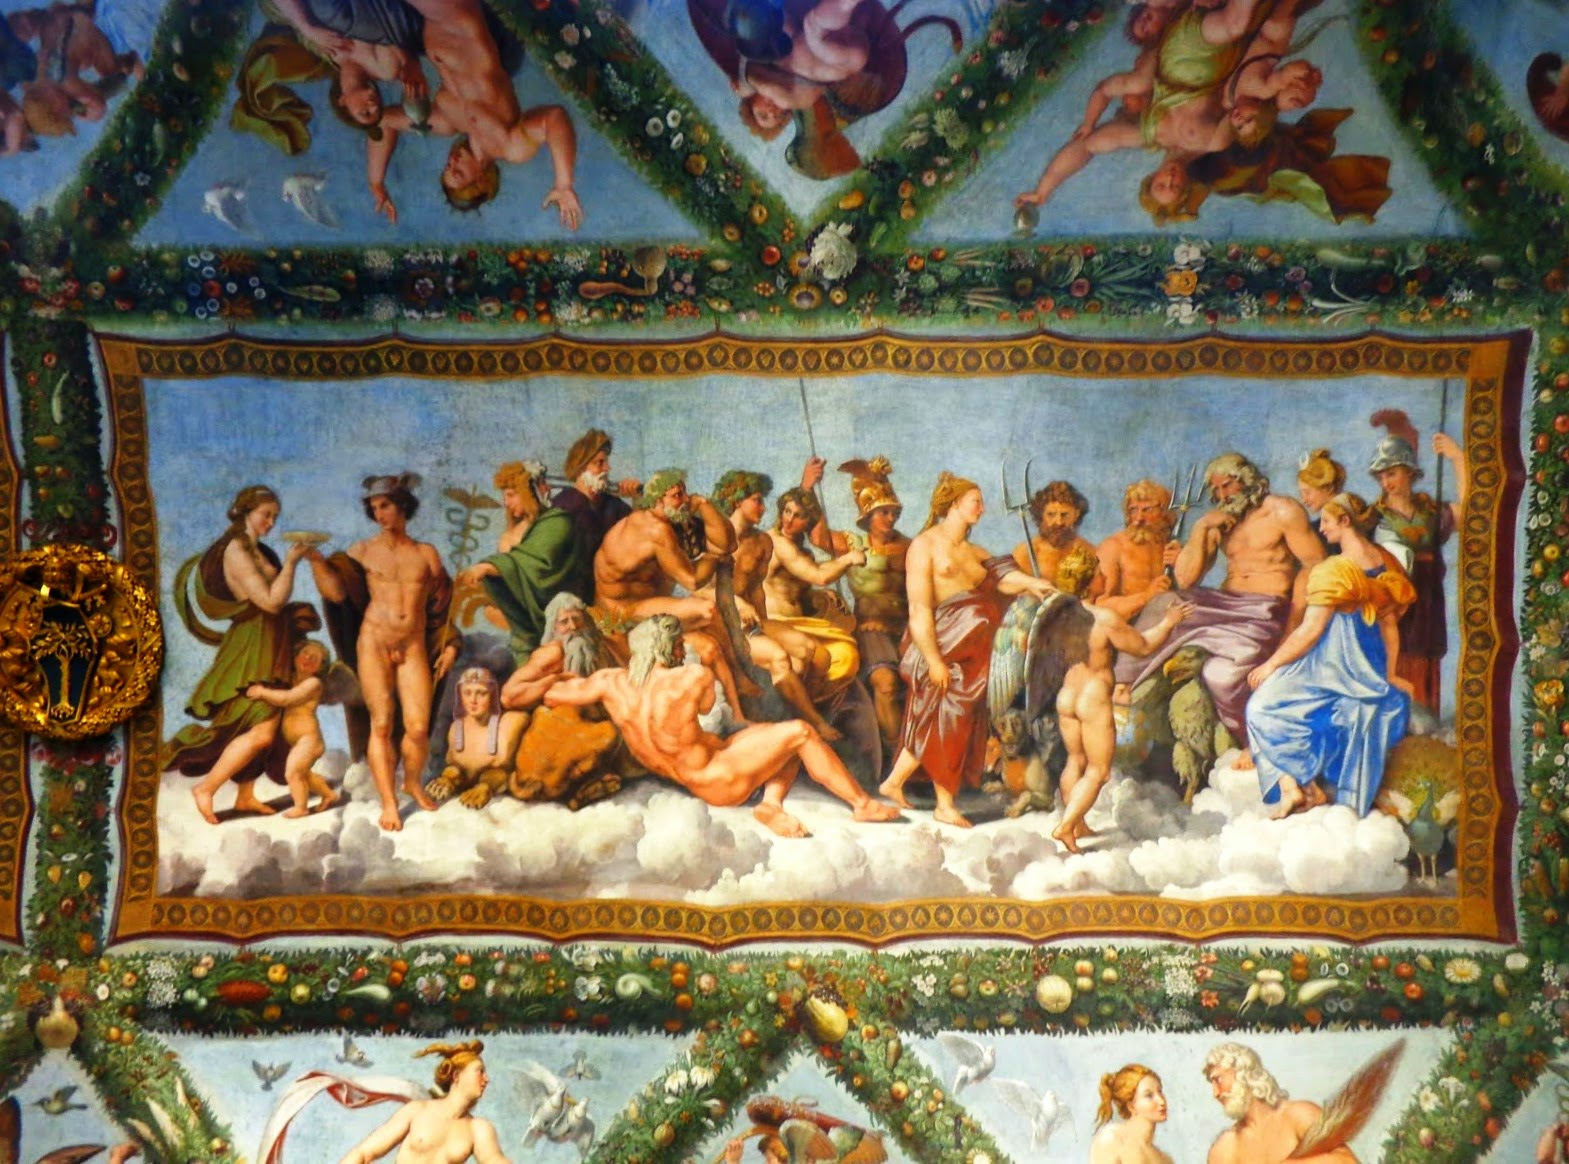 Afrescos retratando Bodas e o Panteão dos deuses no Olimpo.